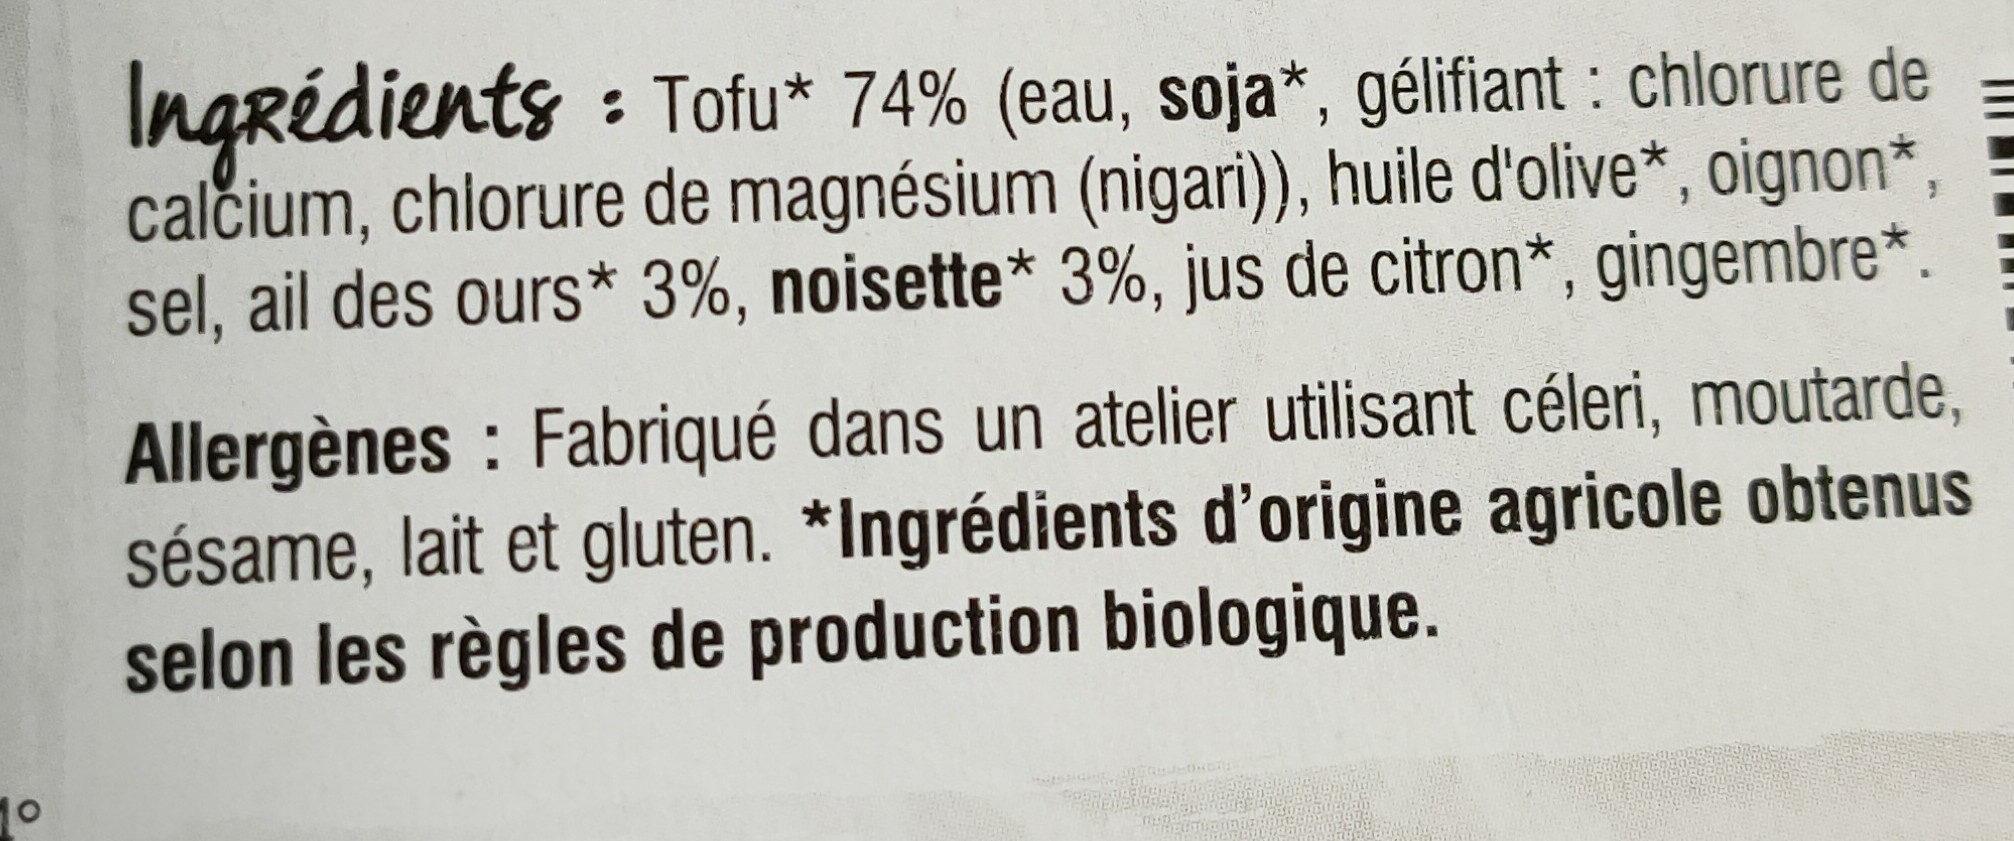 Tofu Ail des ours & Noisettes - Ingrédients - fr